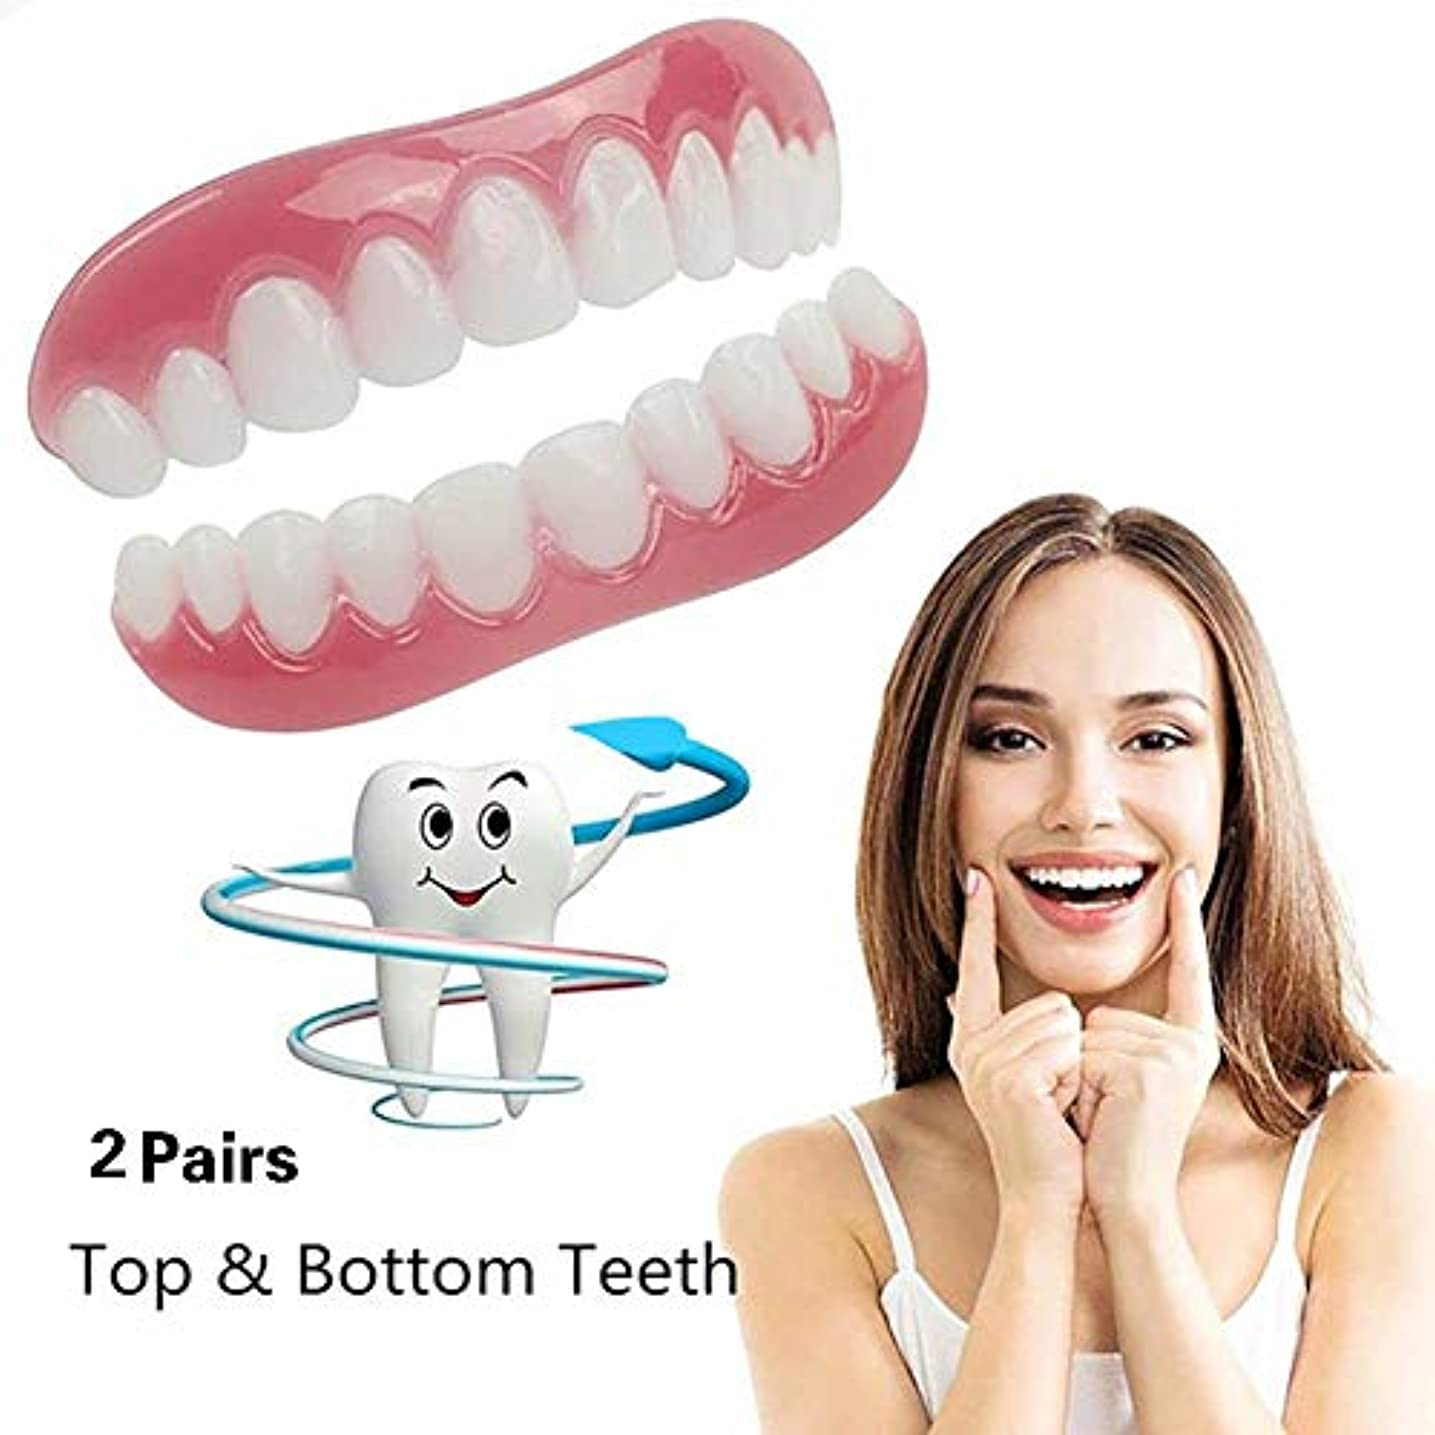 師匠ストラップ場所2対のシリコーンの歯のベニヤの歯の快適さのフィットフレックス化粧品の歯義歯の歯のトップとボトム化粧品のベニヤのシミュレーションのブレースワンサイズフィットすべて